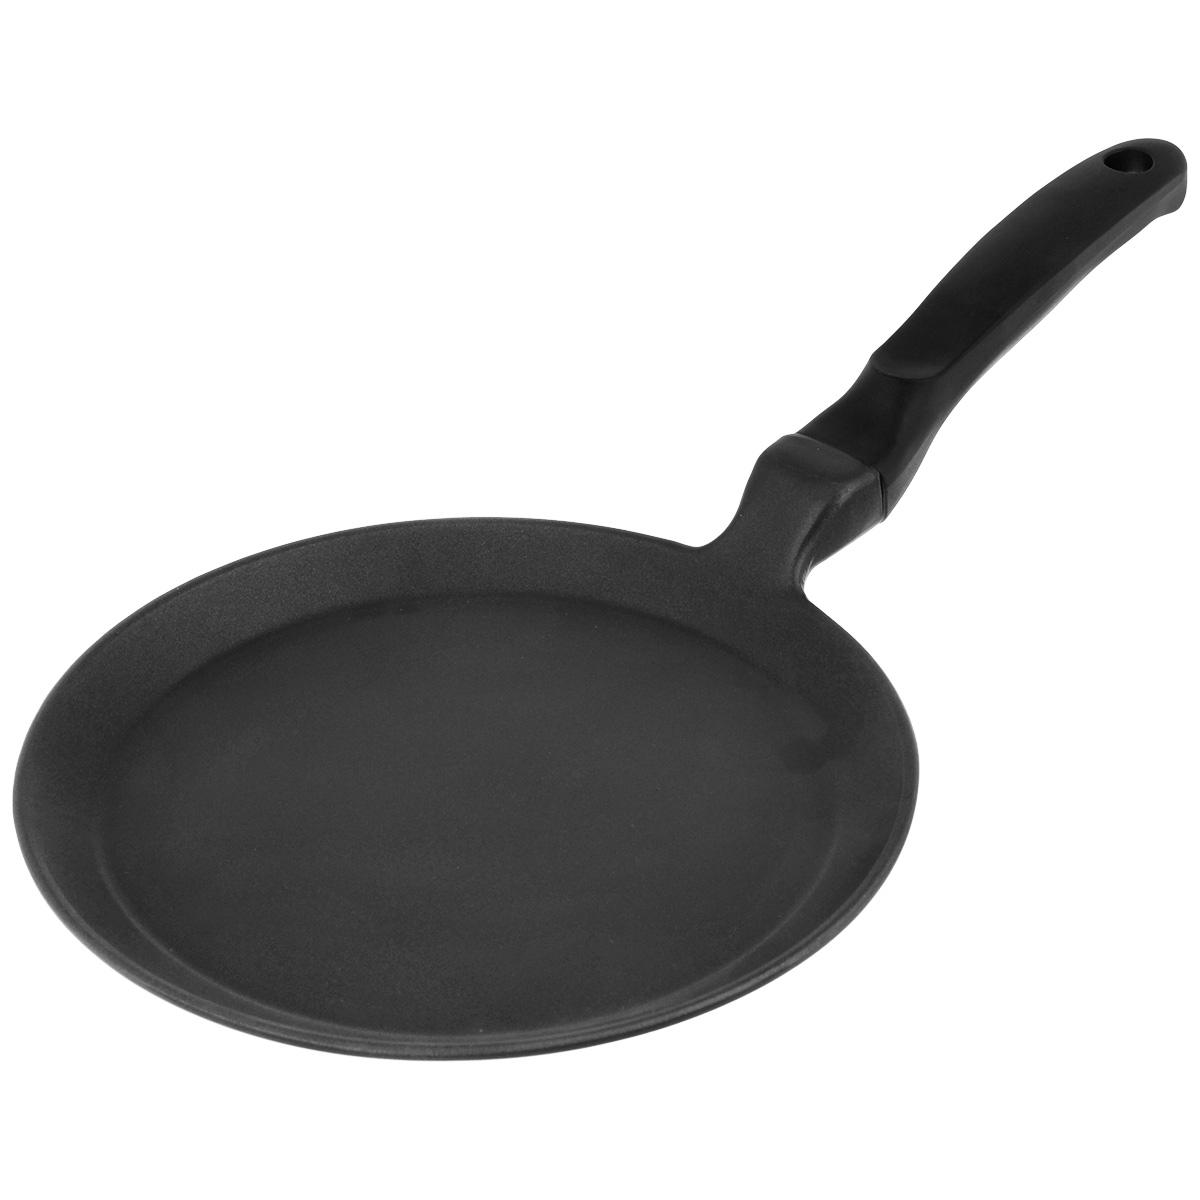 Сковорода блинная Risoli Saporella, с антипригарным покрытием. Диаметр 25 смA1437Сковорода блинная Risoli Saporella изготовлена из литого алюминия с антипригарным покрытием. Сковорода идеальна для приготовления пищи с минимальным количеством масла. Изделие оснащено удобной бакелитовой ручкой.Подходит для газовых и электрических плит. Не подходит для индукционных плит. Можно мыть в посудомоечной машине.Диаметр (по верхнему краю): 25 см.Высота: 1,8 см.Длина ручки: 17 см.Толщина стенки: 4 мм.Толщина дна: 5 мм.